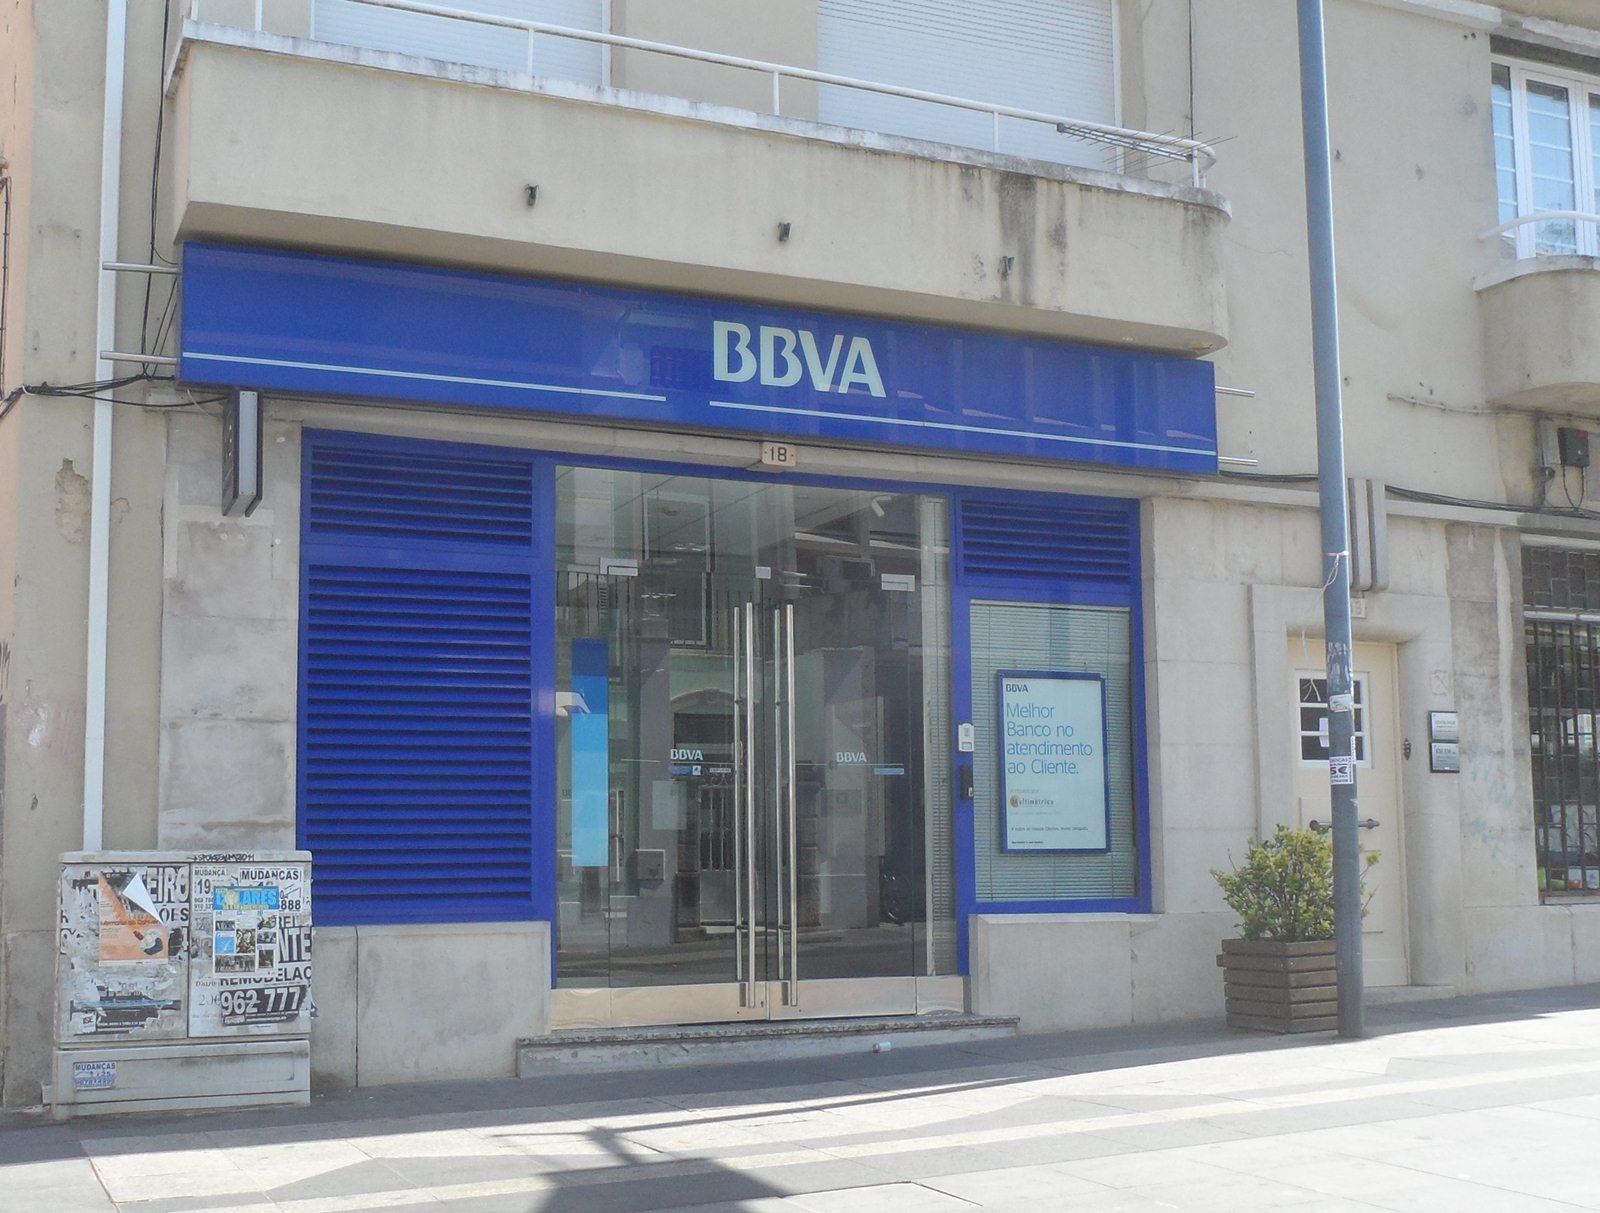 Bbva banco bilbao vizcaya argentaria bancos de portugal for Casas del banco bbva